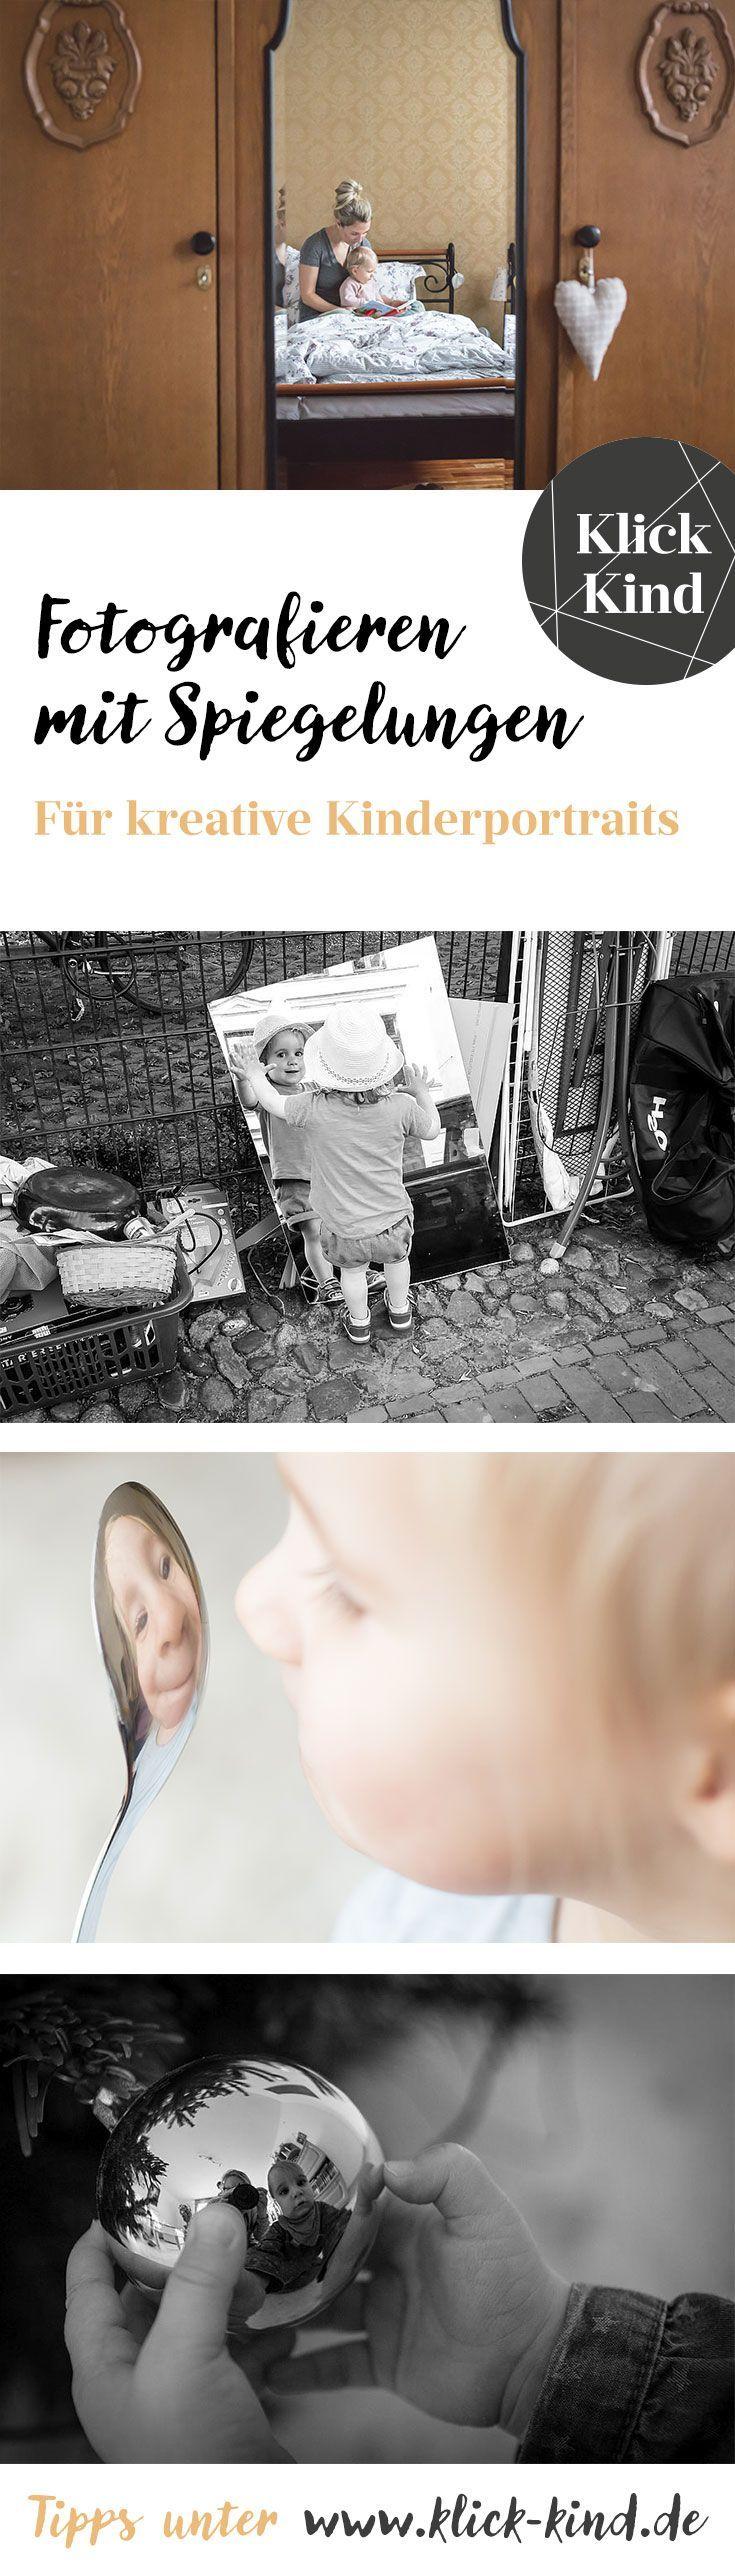 Kreative Kinderfotos mit Spiegelungen – im Klick.Kind Magazin gibt es die Tipps dazu. – Nono